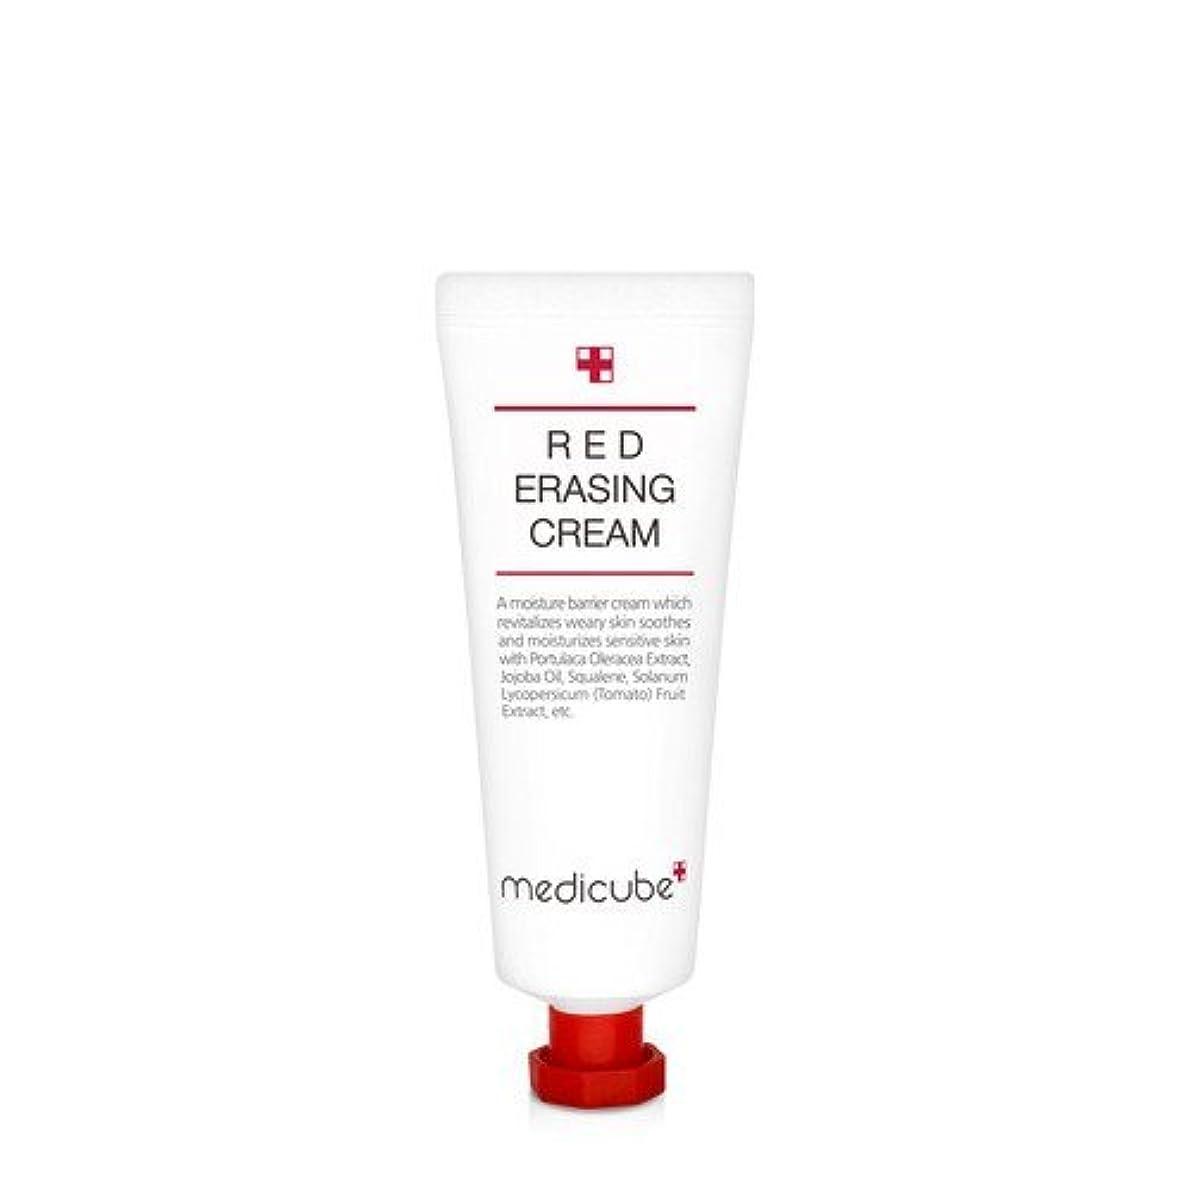 解釈パケット不名誉[Medicube]Red Erasing Cream 50g / メディキューブレッドイレイジングクリーム / 正品?海外直送商品 [並行輸入品]